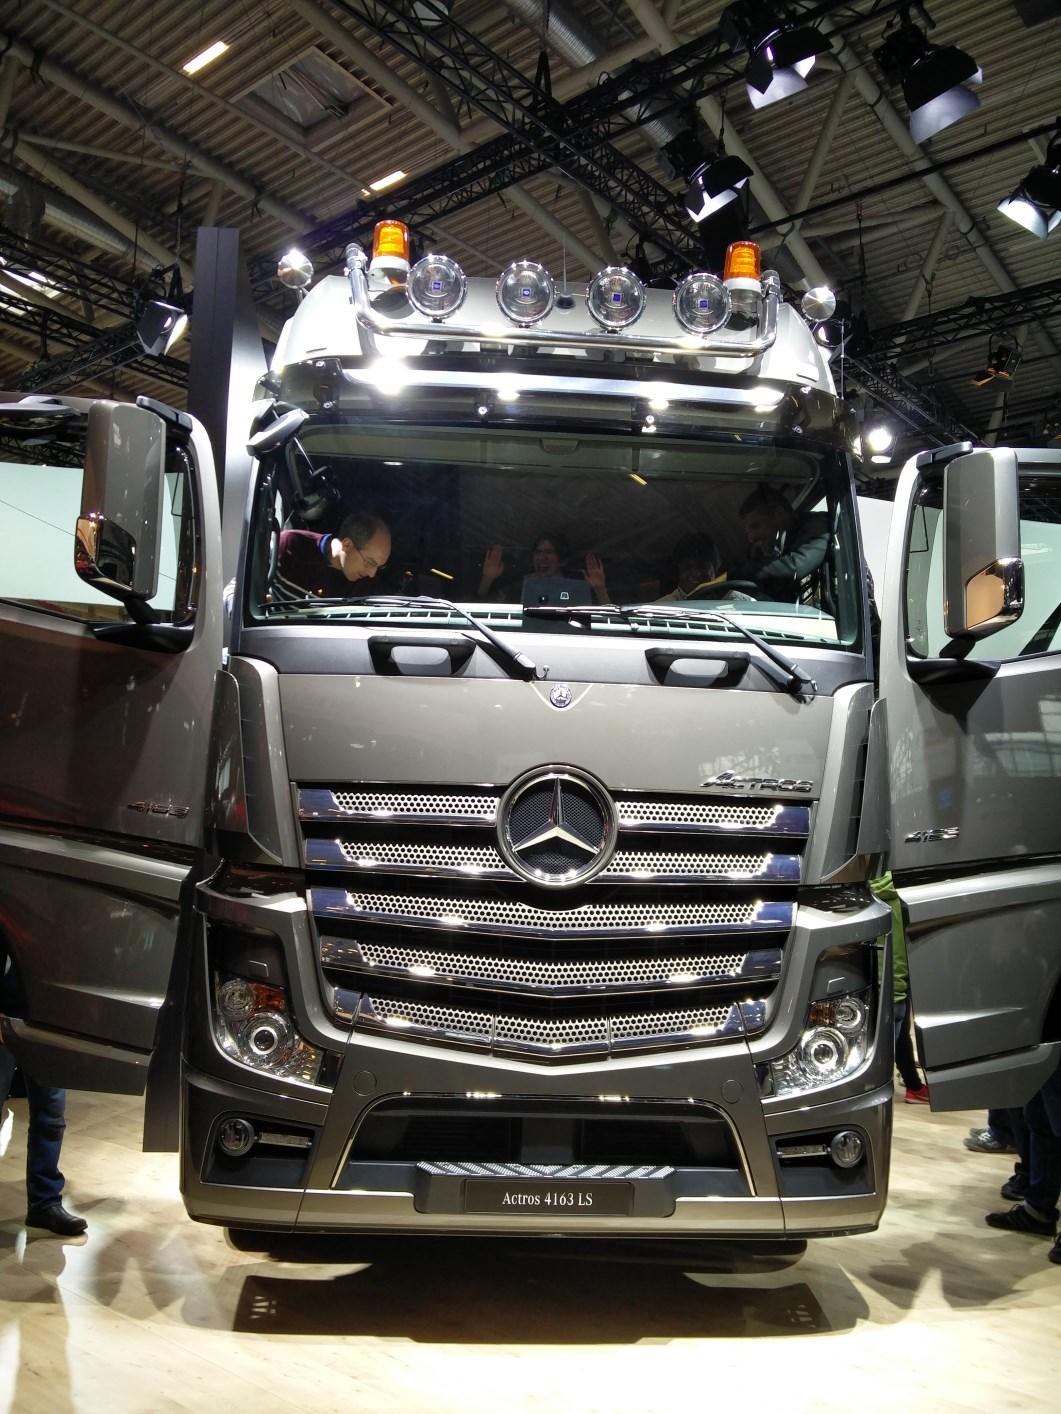 bauma-2016-DaimlerTrucks-Actros